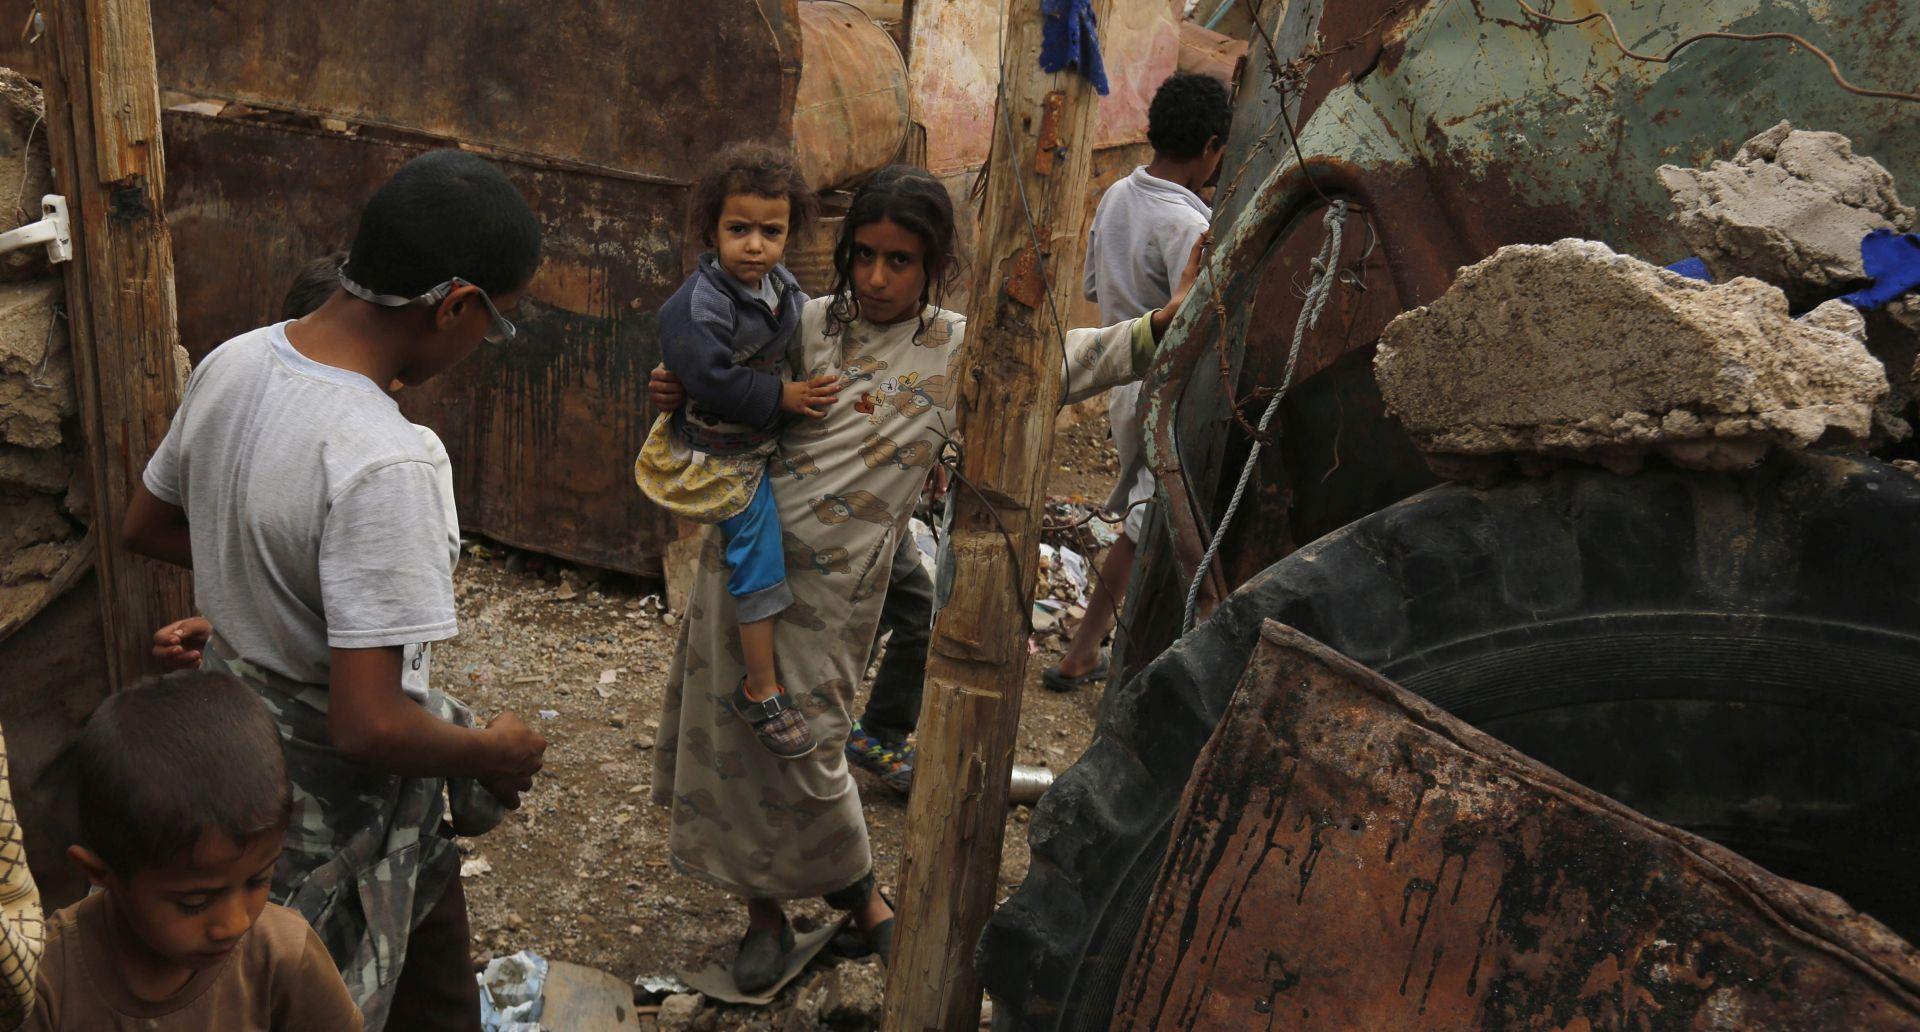 UN: Ženama u ratnim zonama potrebna jača humanitarna pomoć